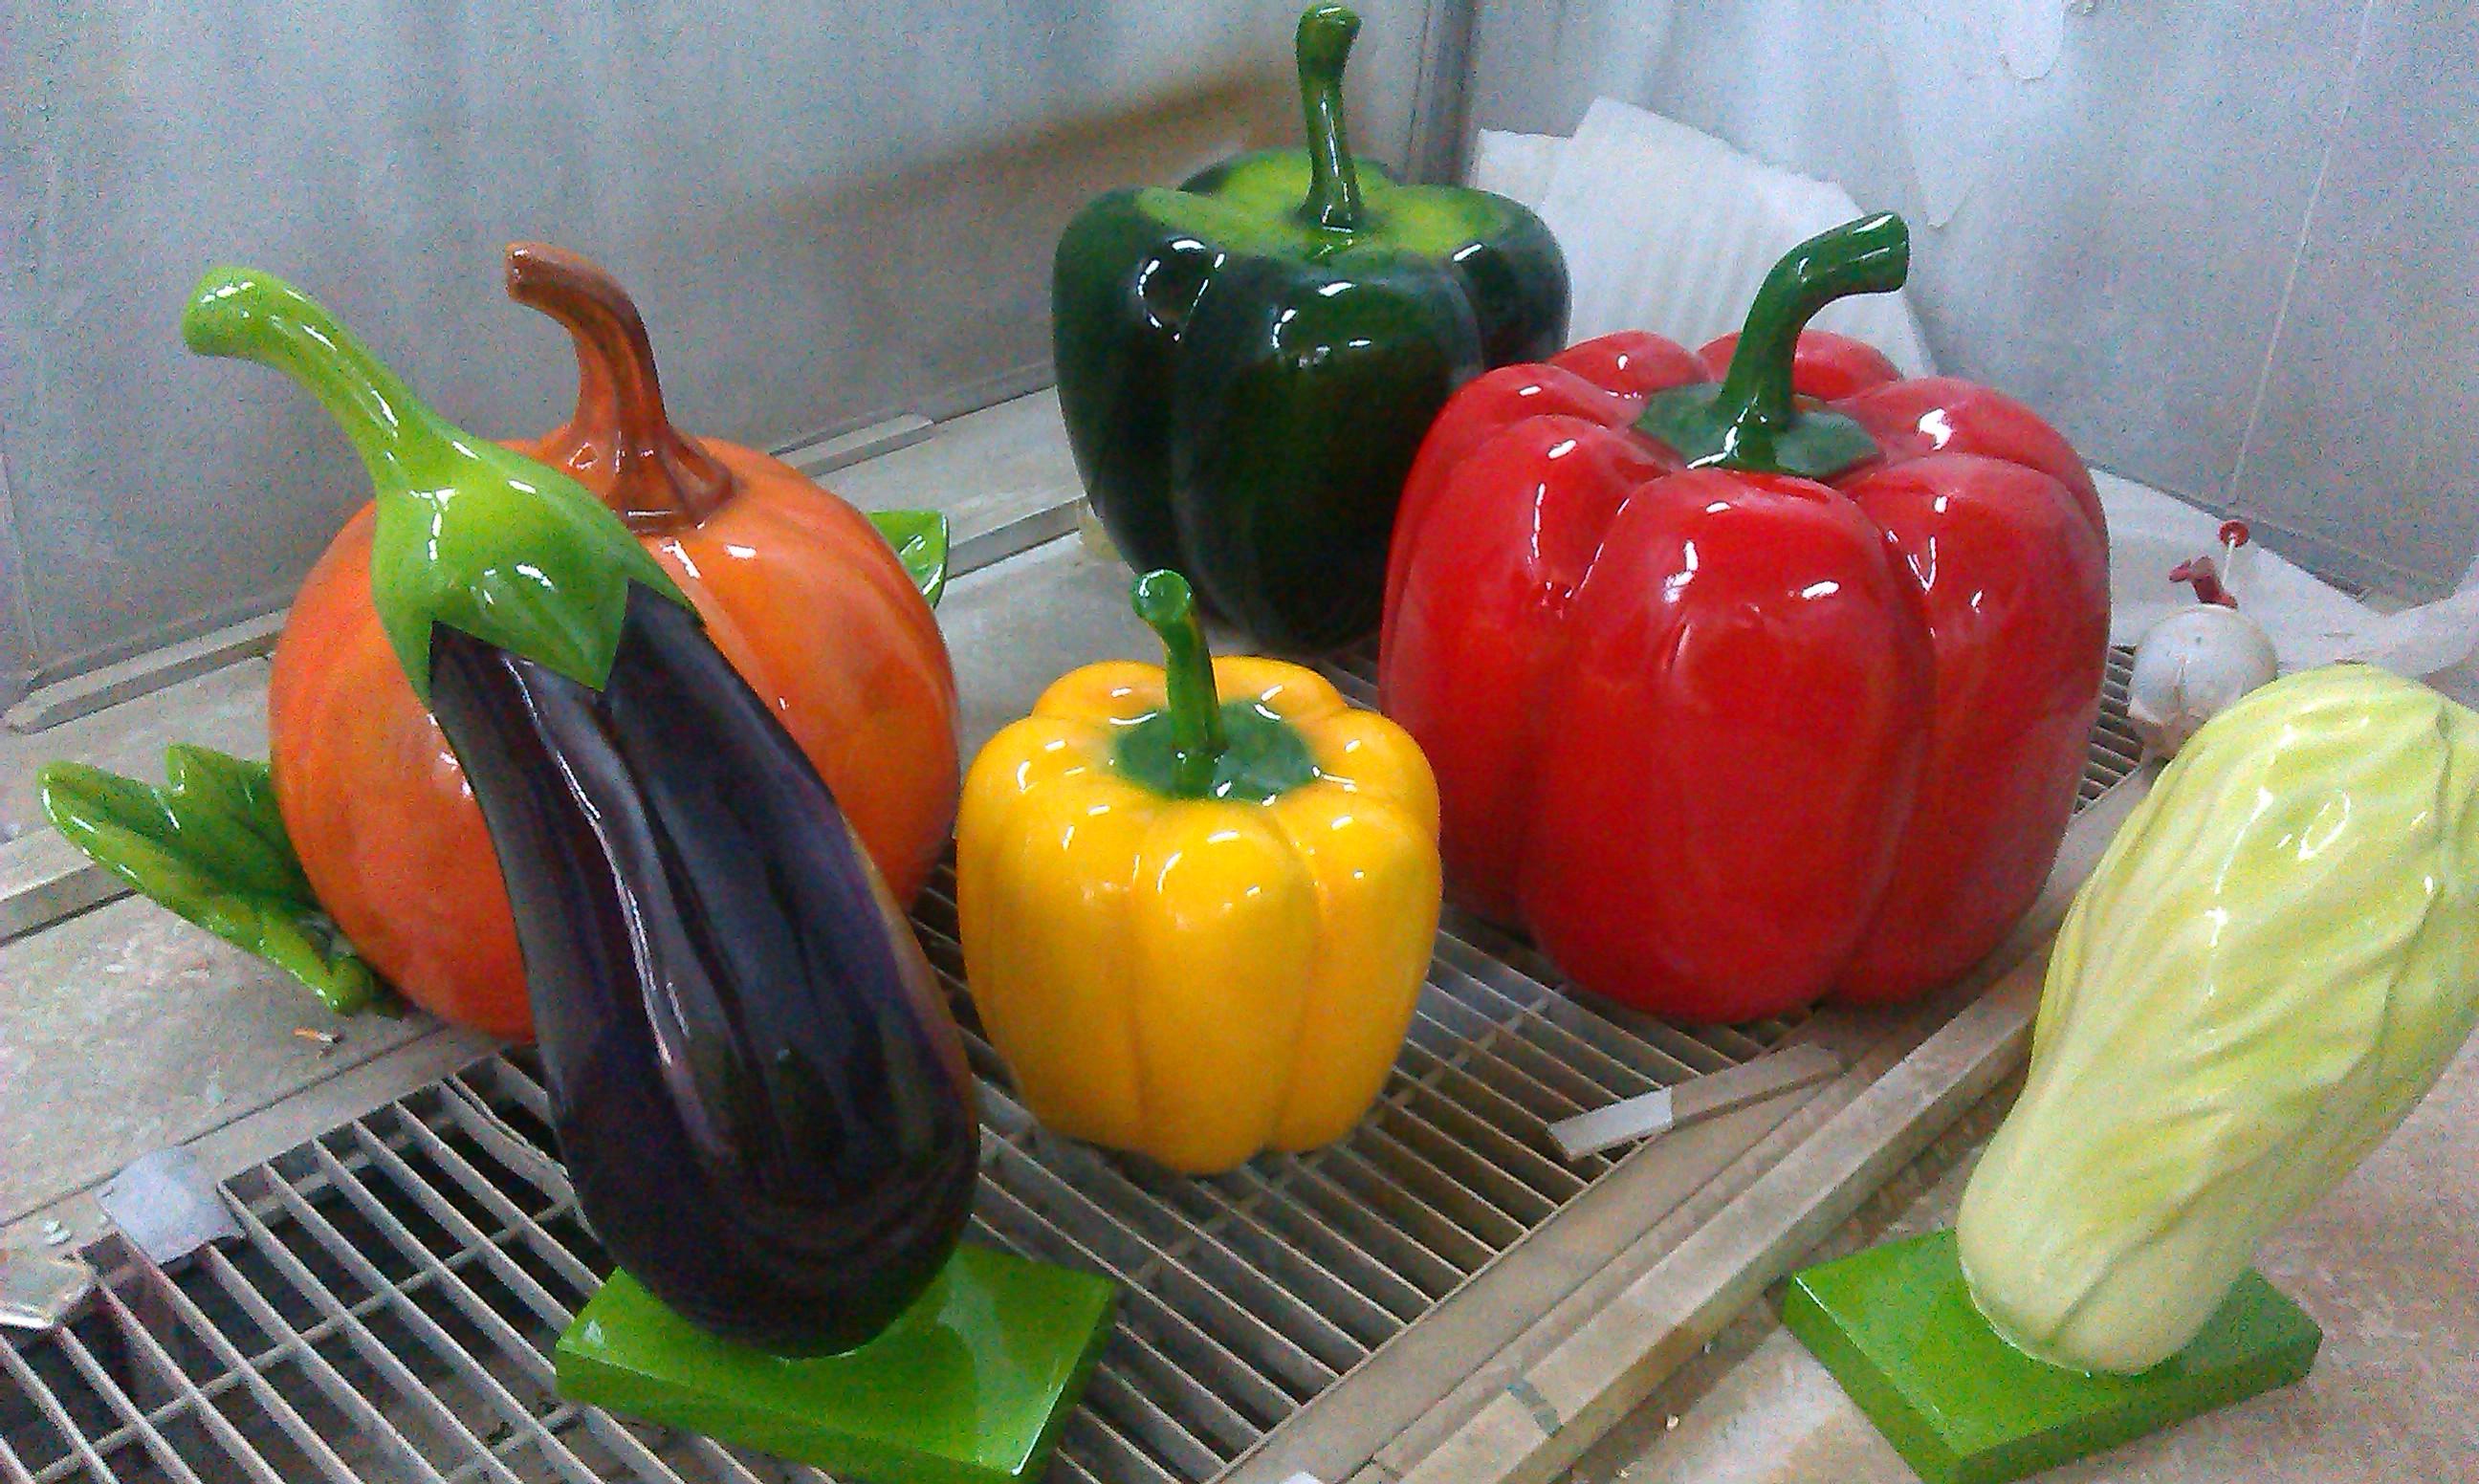 玻璃钢现代农业主题公园多种蔬菜造型摆设雕塑定做厂家